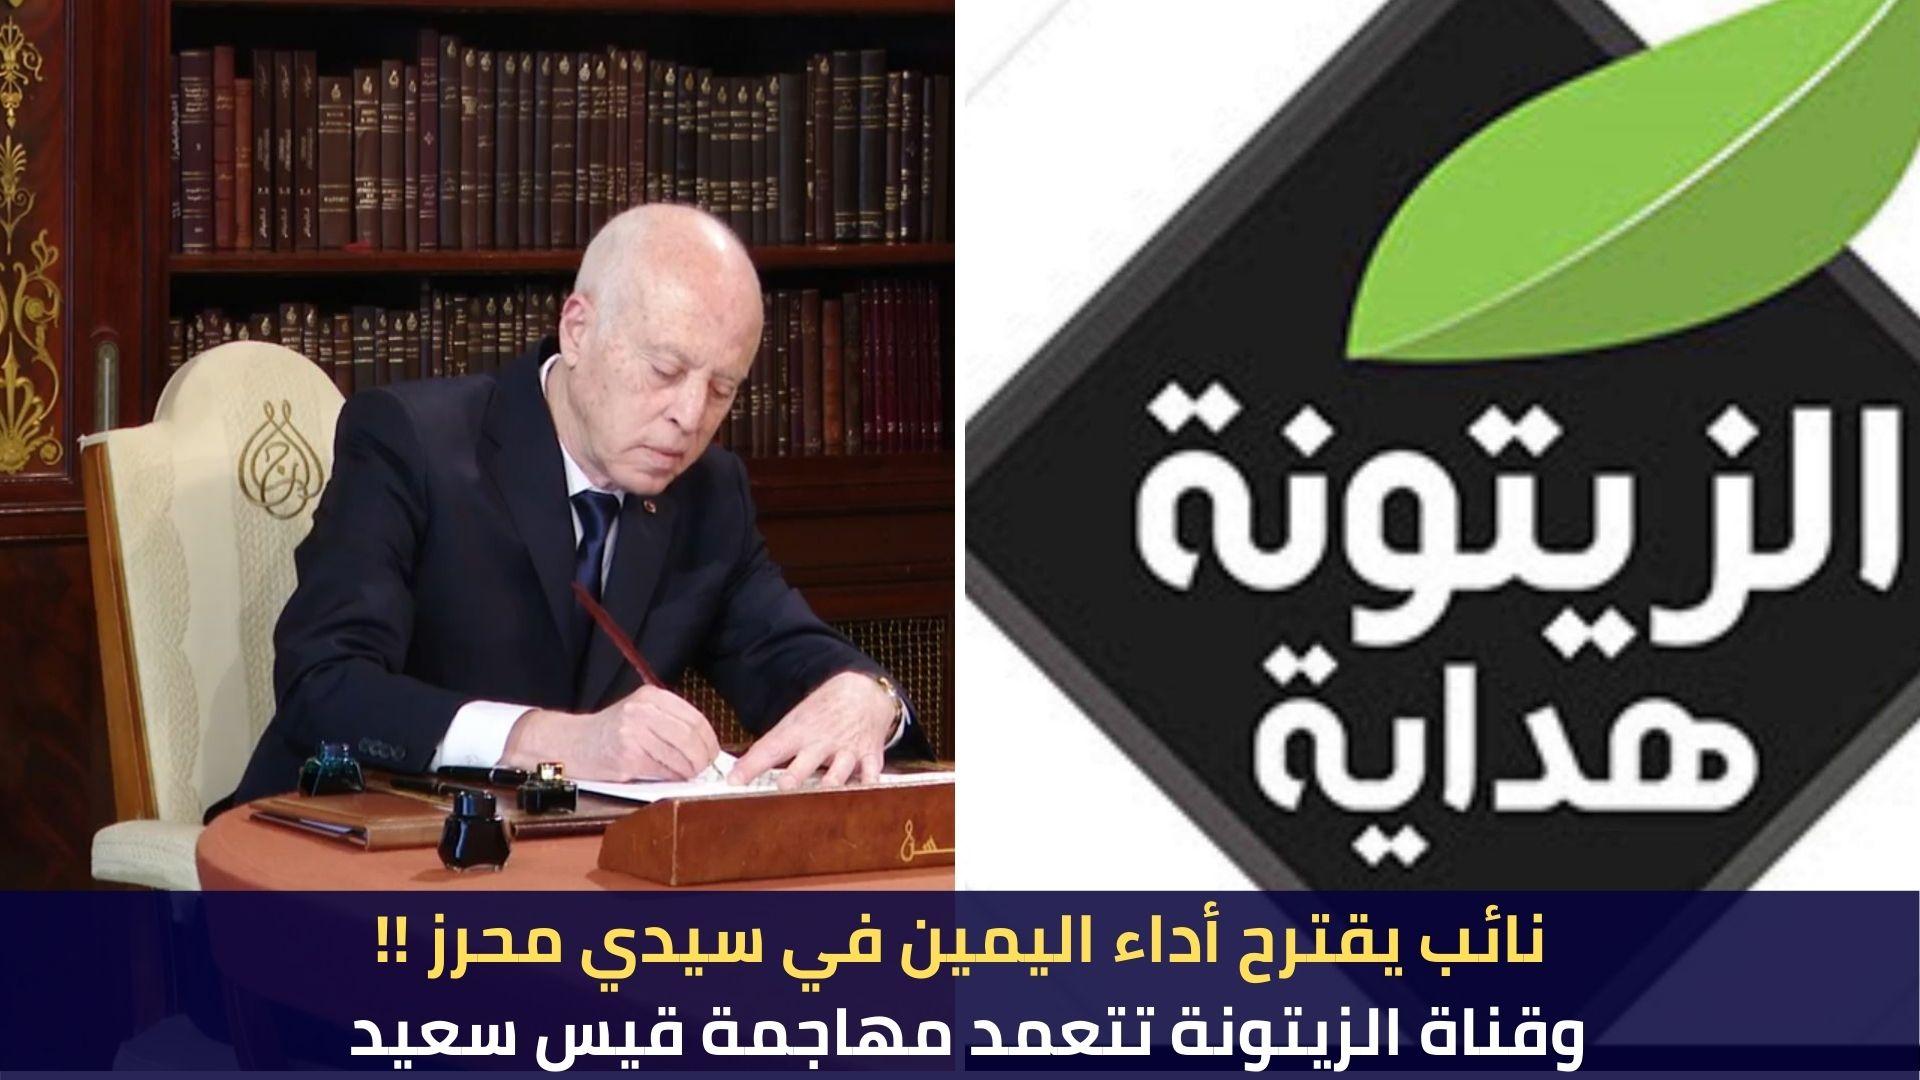 نائب يقترح أداء اليمين في سيدي محرز!! وقناة الزيتونة تتعمد مهاجمة قيس سعيد